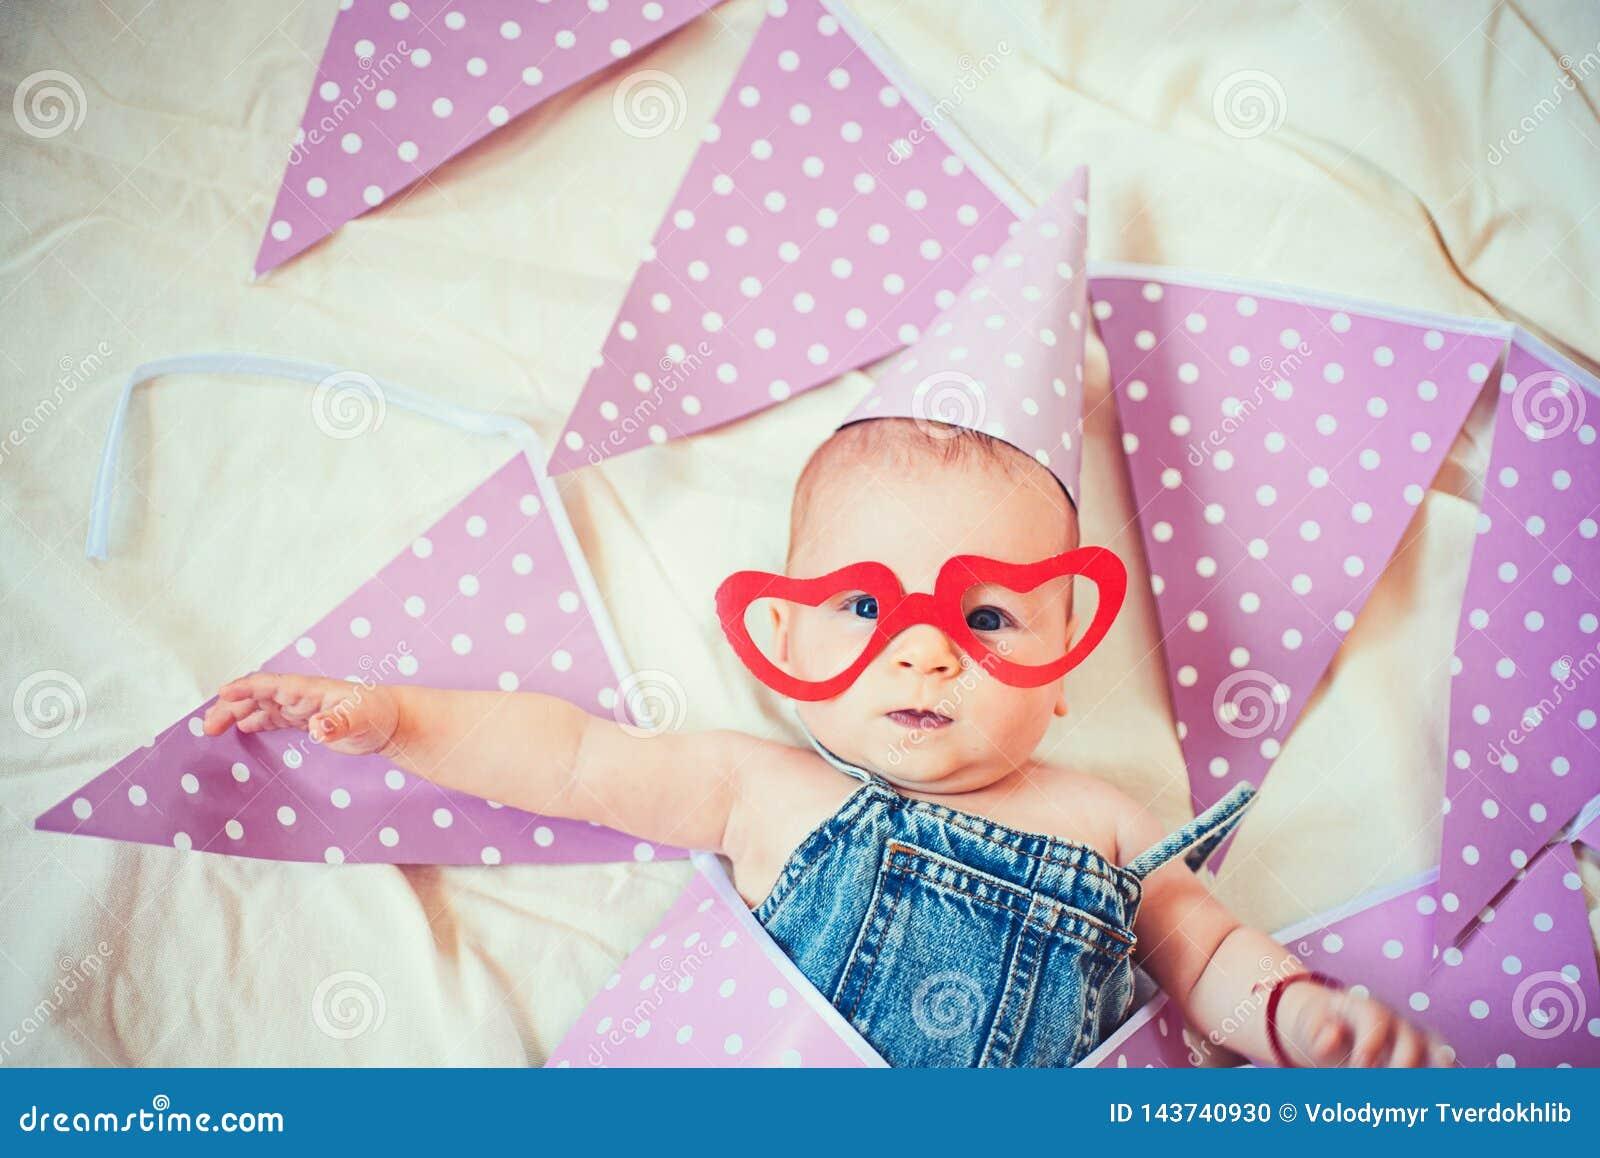 Stelt voor jonge moeder voor Familie Kinderverzorging De Dag van kinderen Snoepje weinig baby Het nieuwe leven en geboorte Kinder